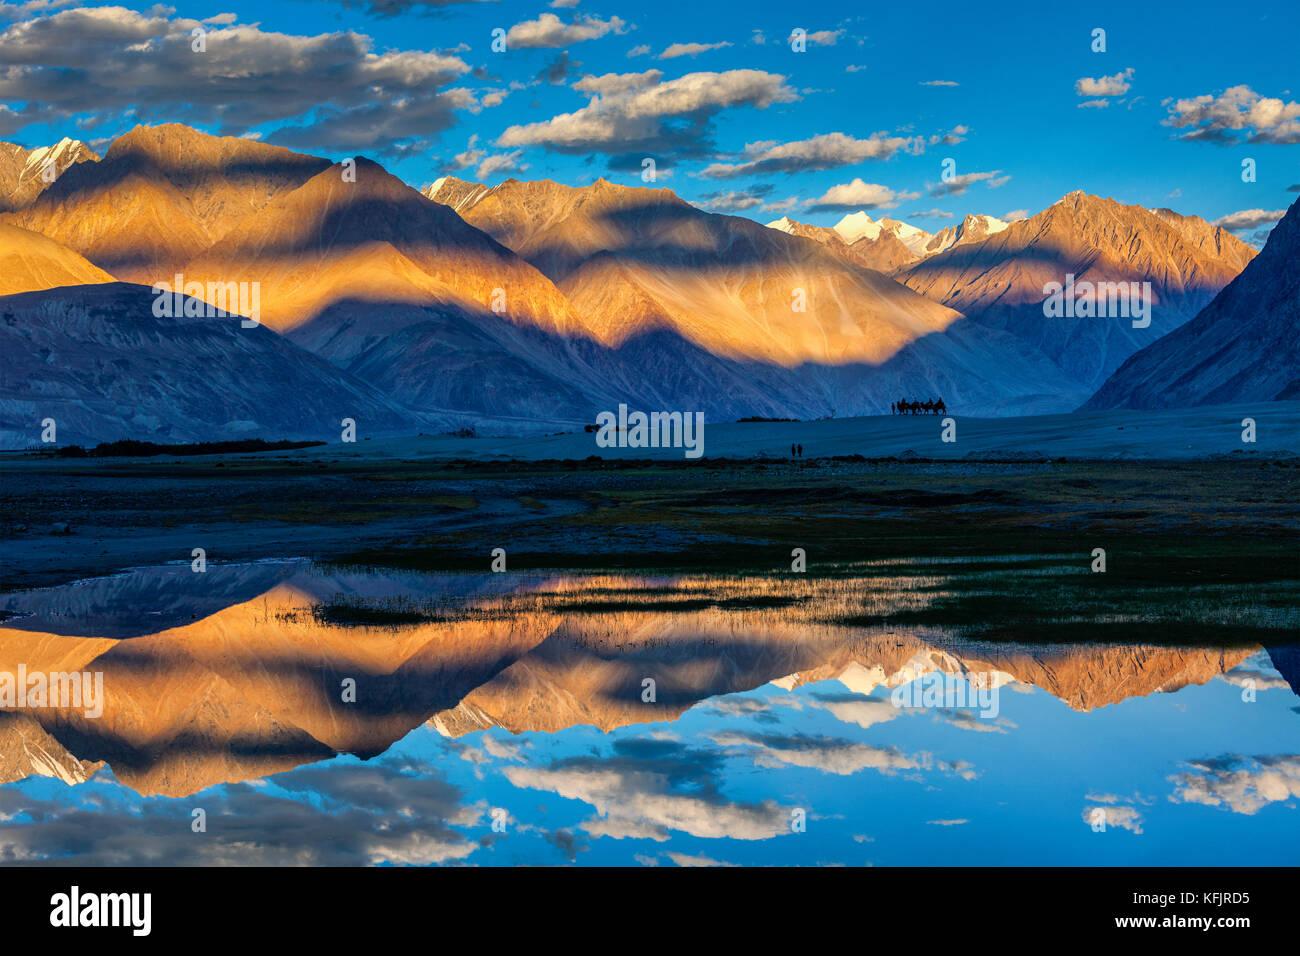 Coucher du soleil sur l'Himalaya, la vallée de Nubra, Ladakh, Inde Banque D'Images